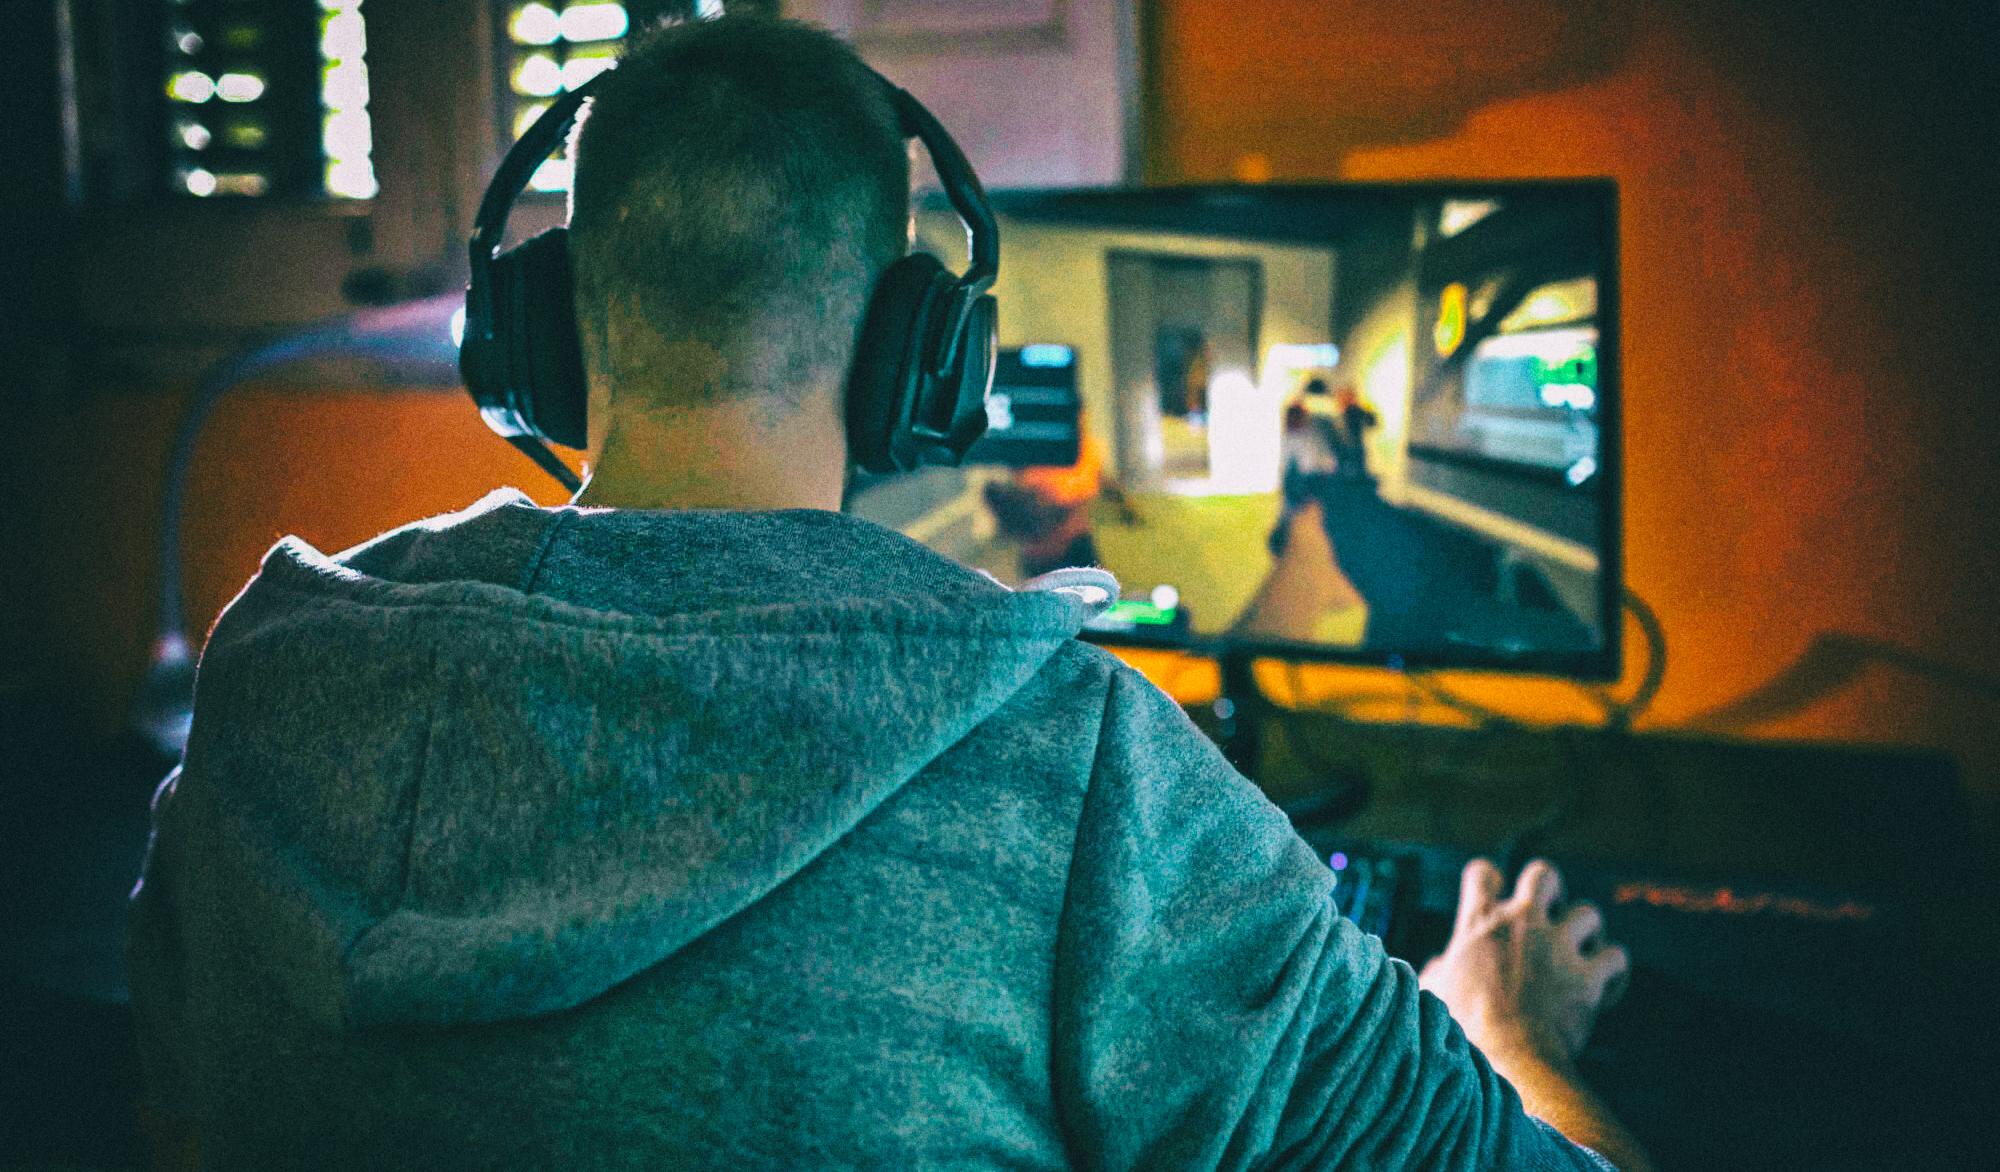 Китайские власти будут принудительно ограничивать время игр для юных геймеров